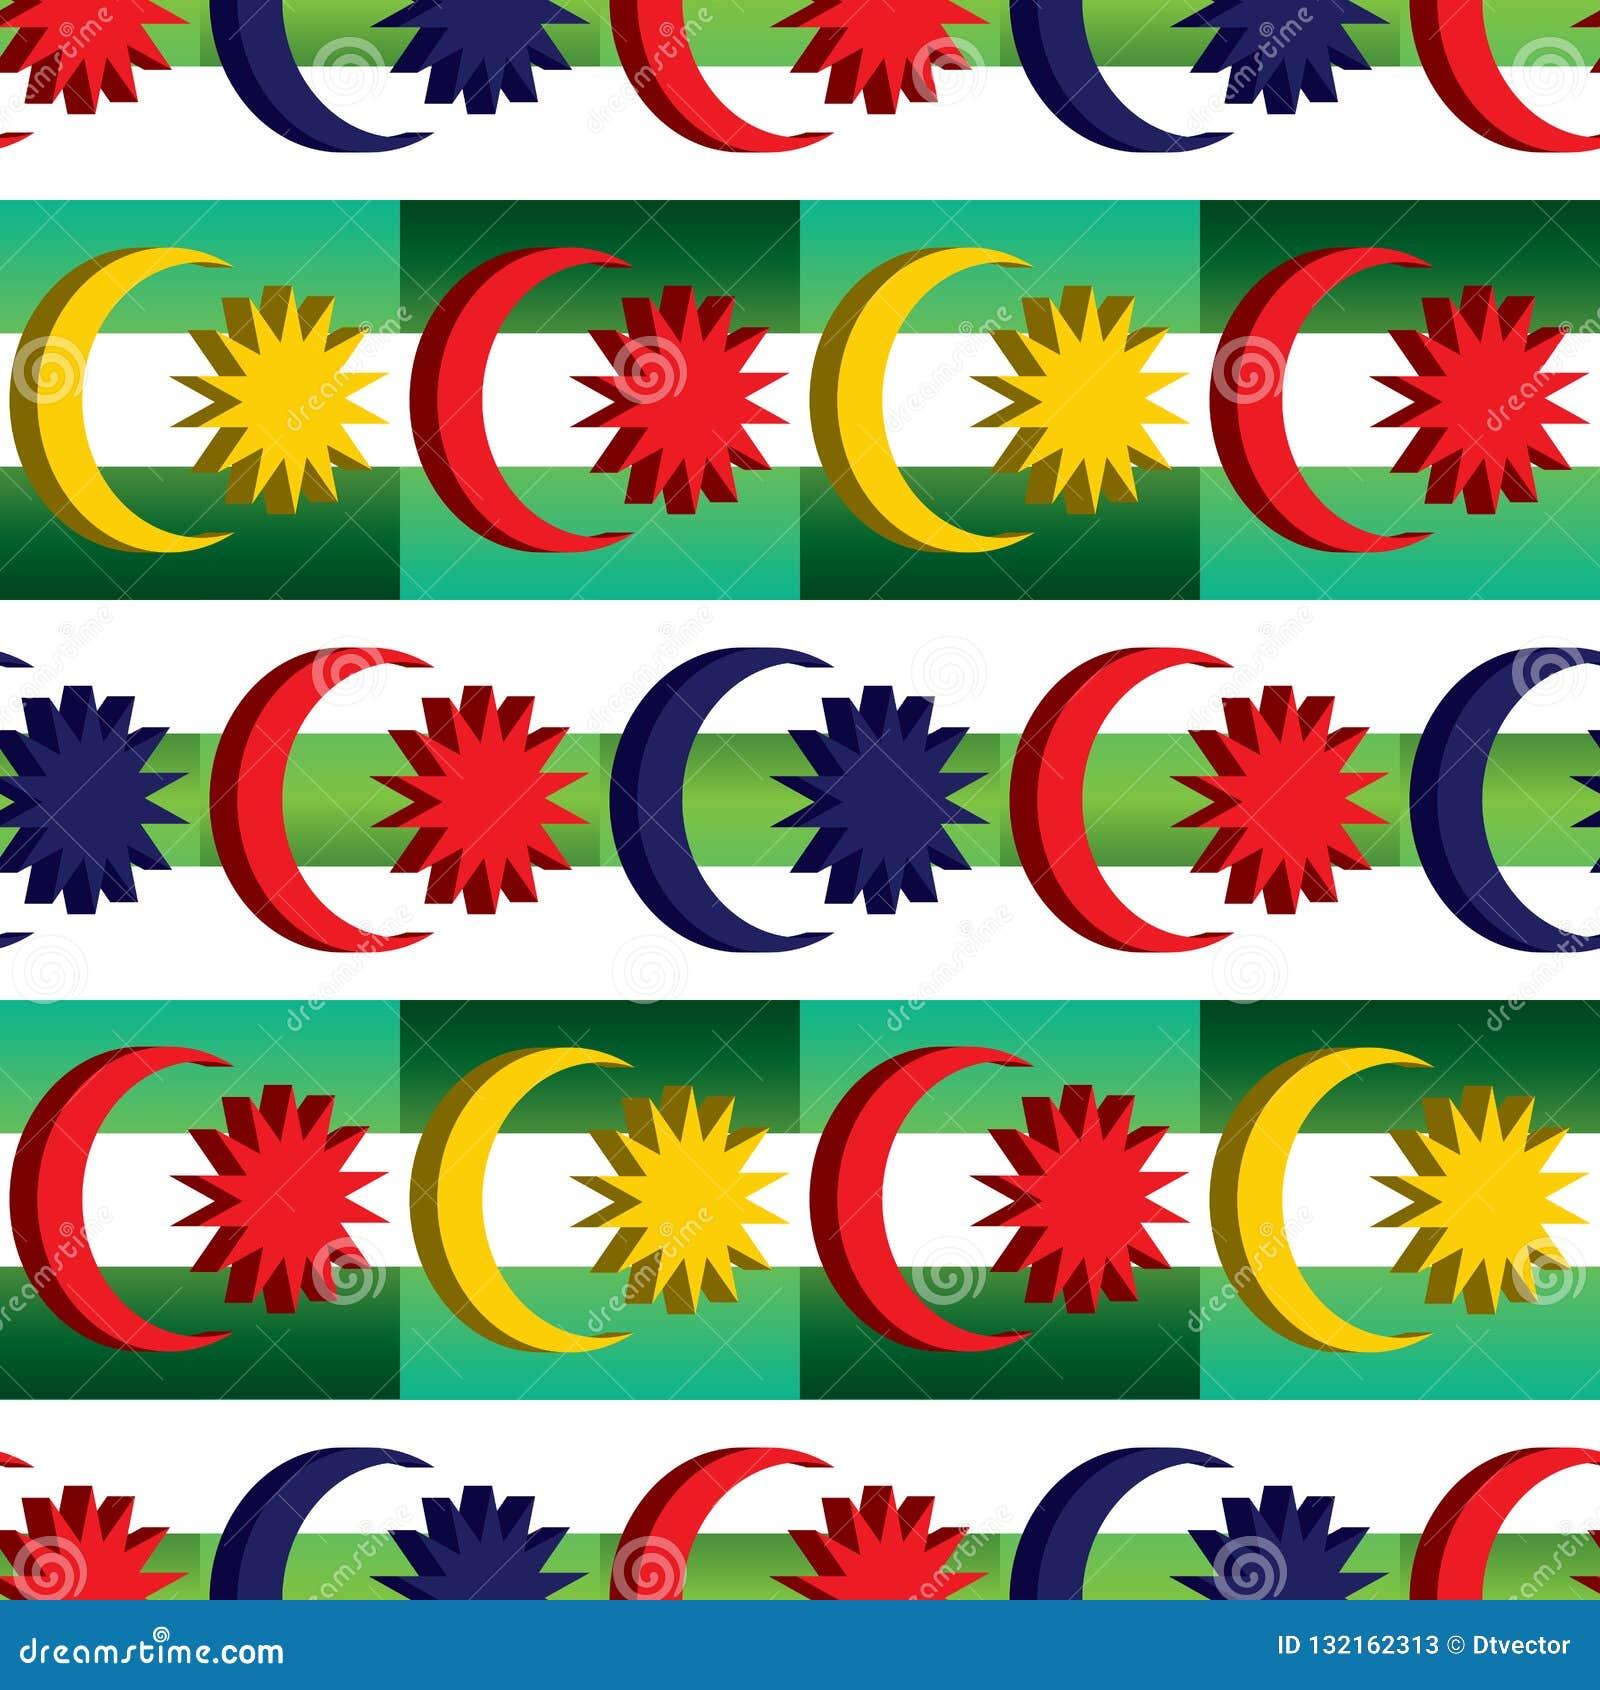 3d Malezja flagi elementu syndykata malajczyka zieleni koloru diagonalnej symetrii bezszwowy wzór